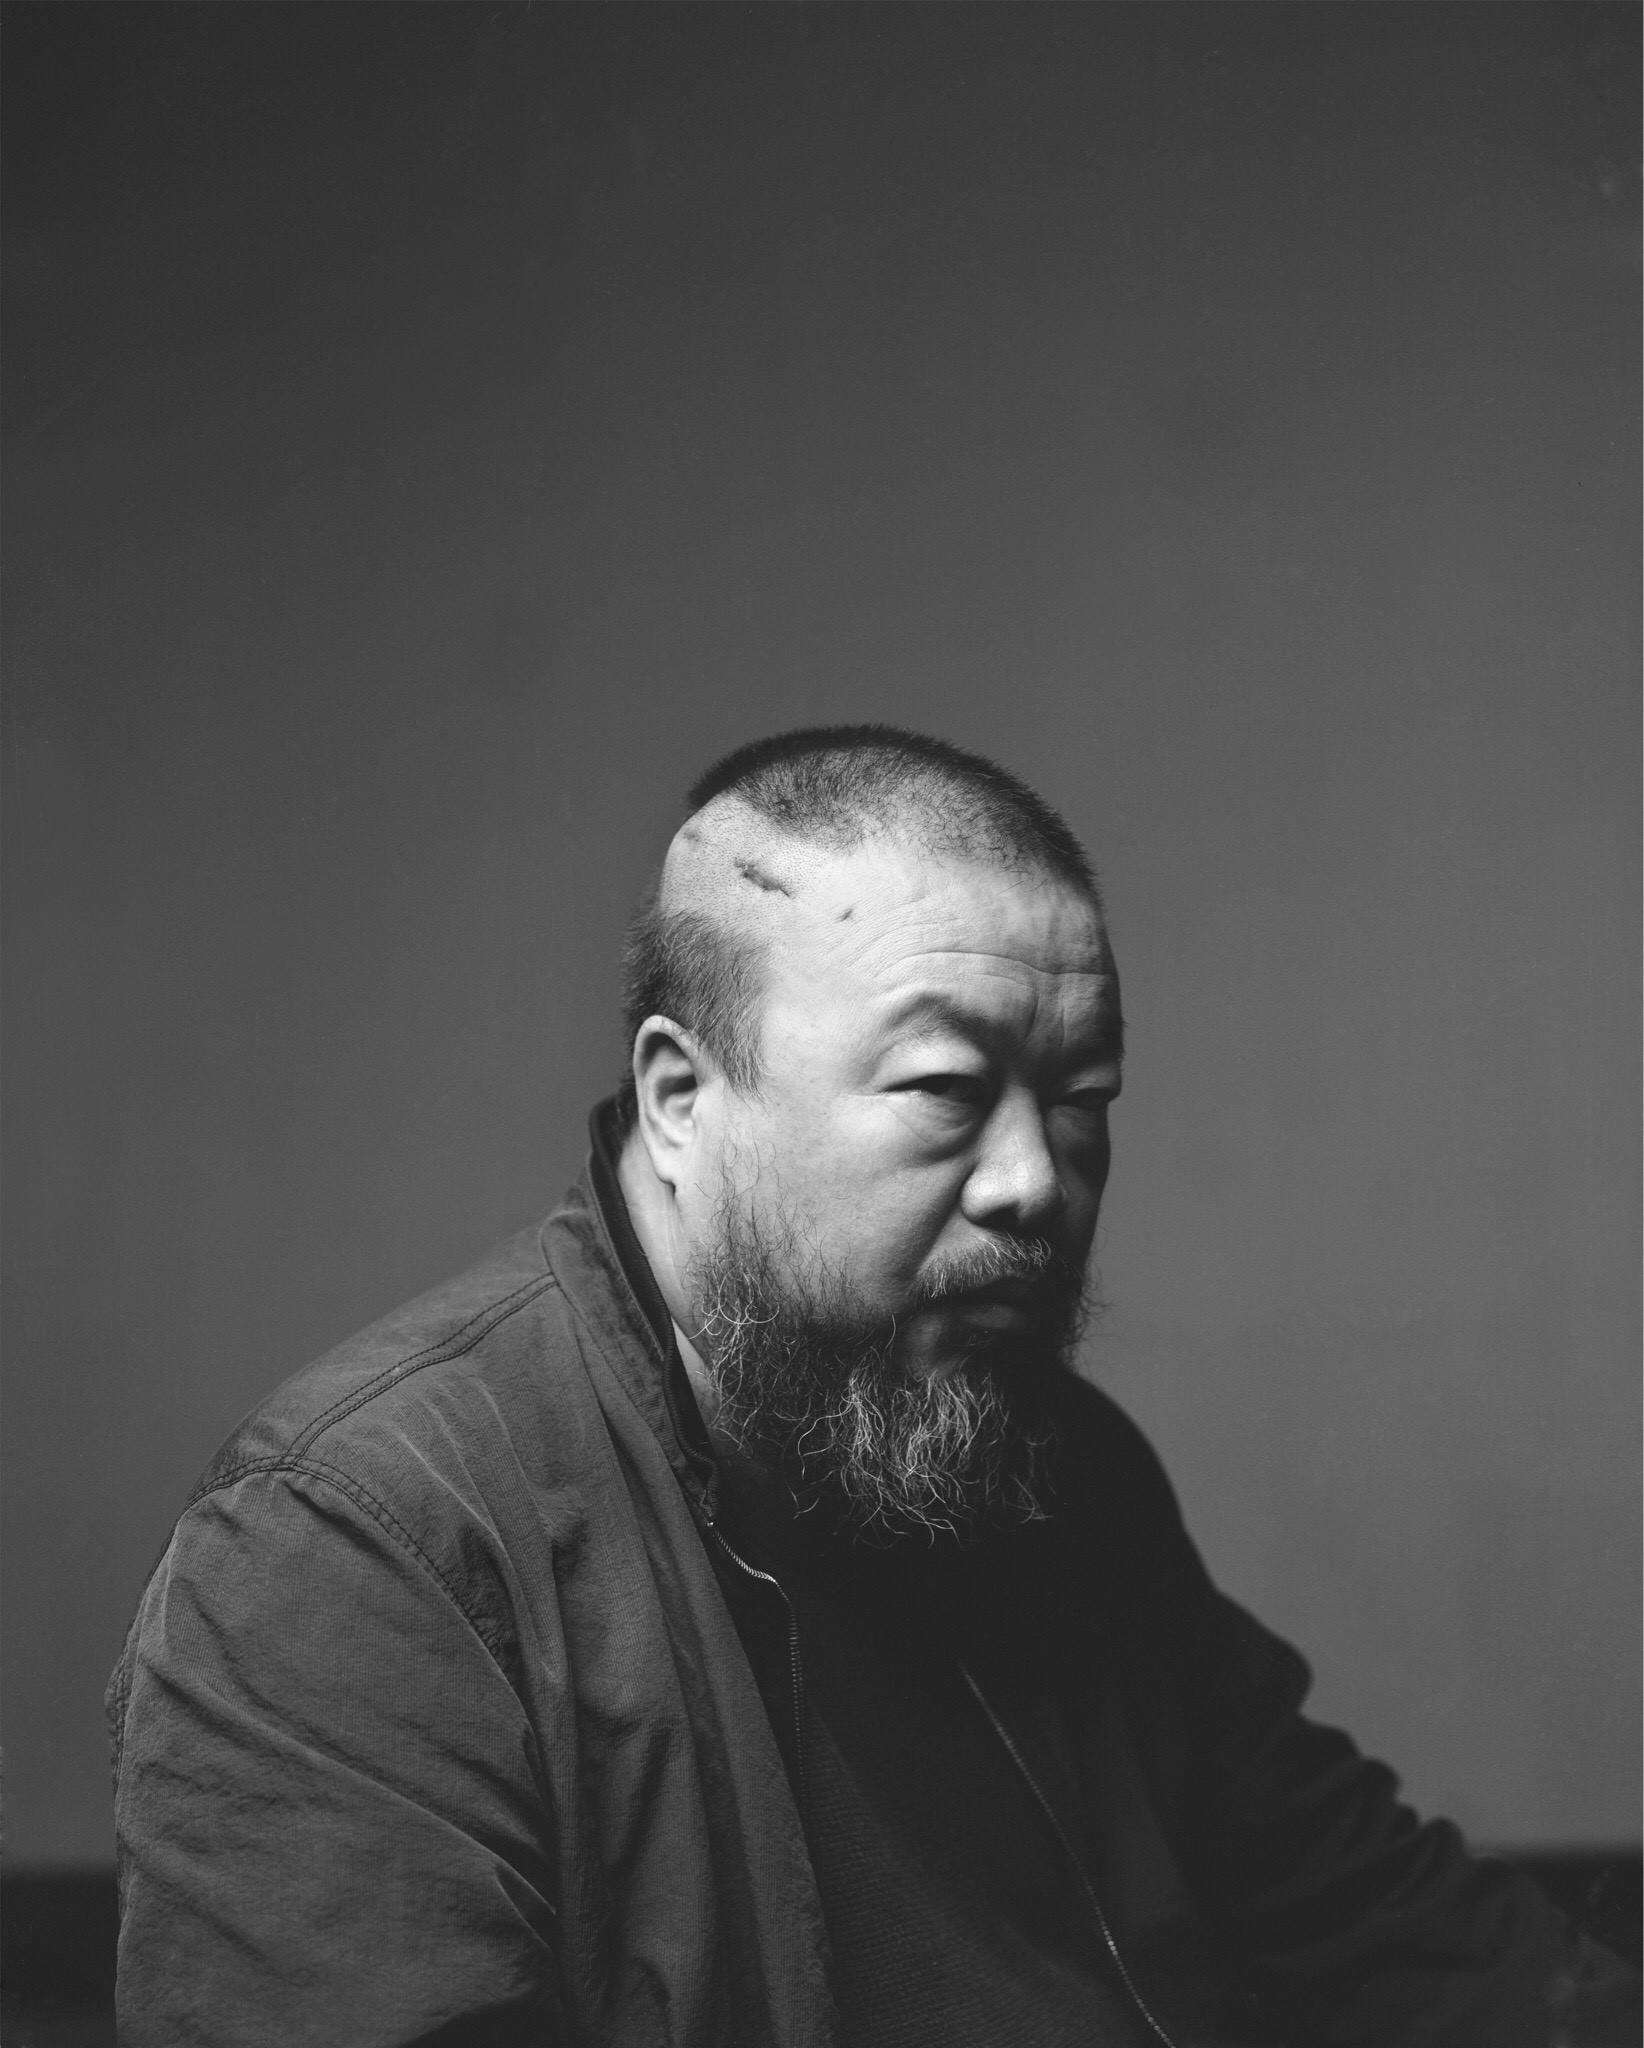 поток Human Flow director AI Weiwei Courtesy of Ai Weiwei Studio